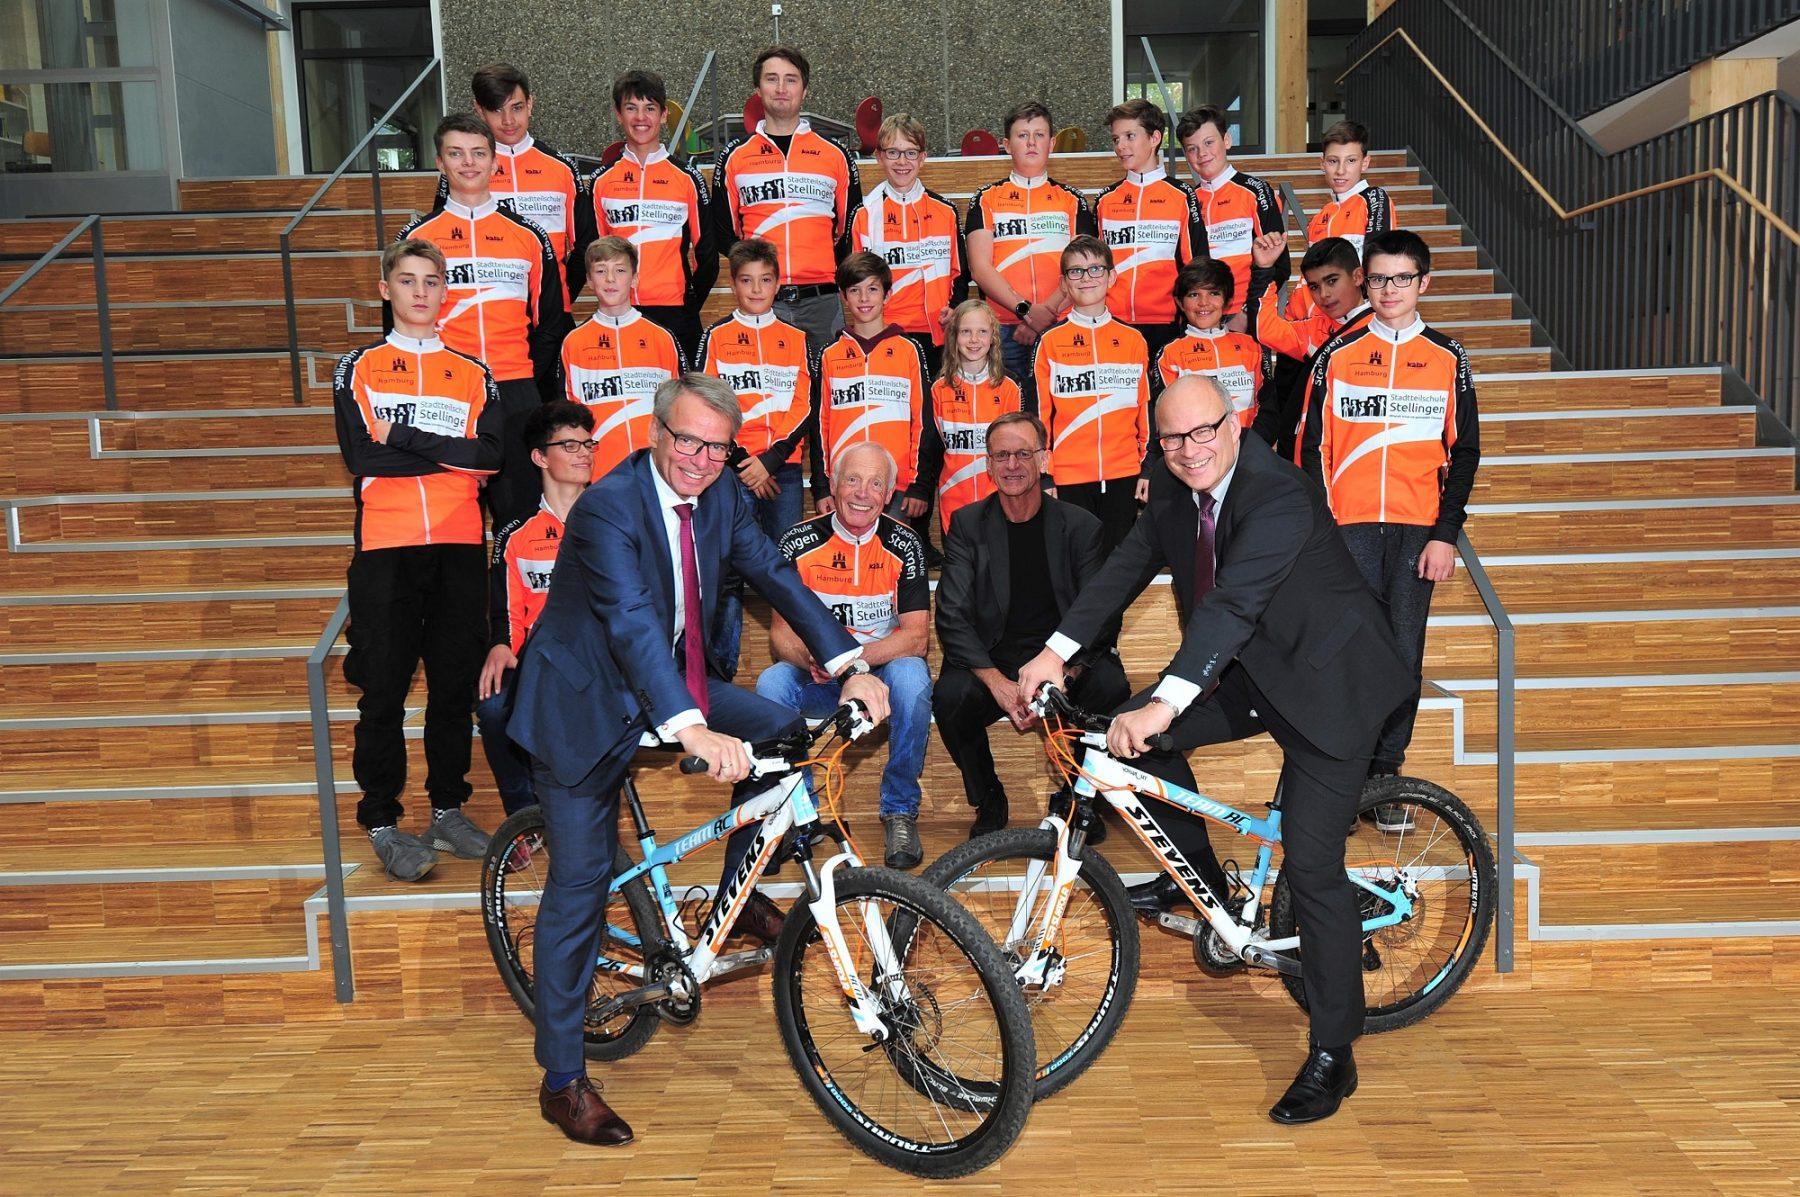 Stephan von Bülow, Vorsitzender der Geschäftsführung der Block Gruppe (links auf dem Rad) und Ties Rabe (ebenfalls auf dem Rad) mit Schülern der Radsportgruppe bei der Spendenübergabe. Foto: Block Gruppe / Patrick Piel